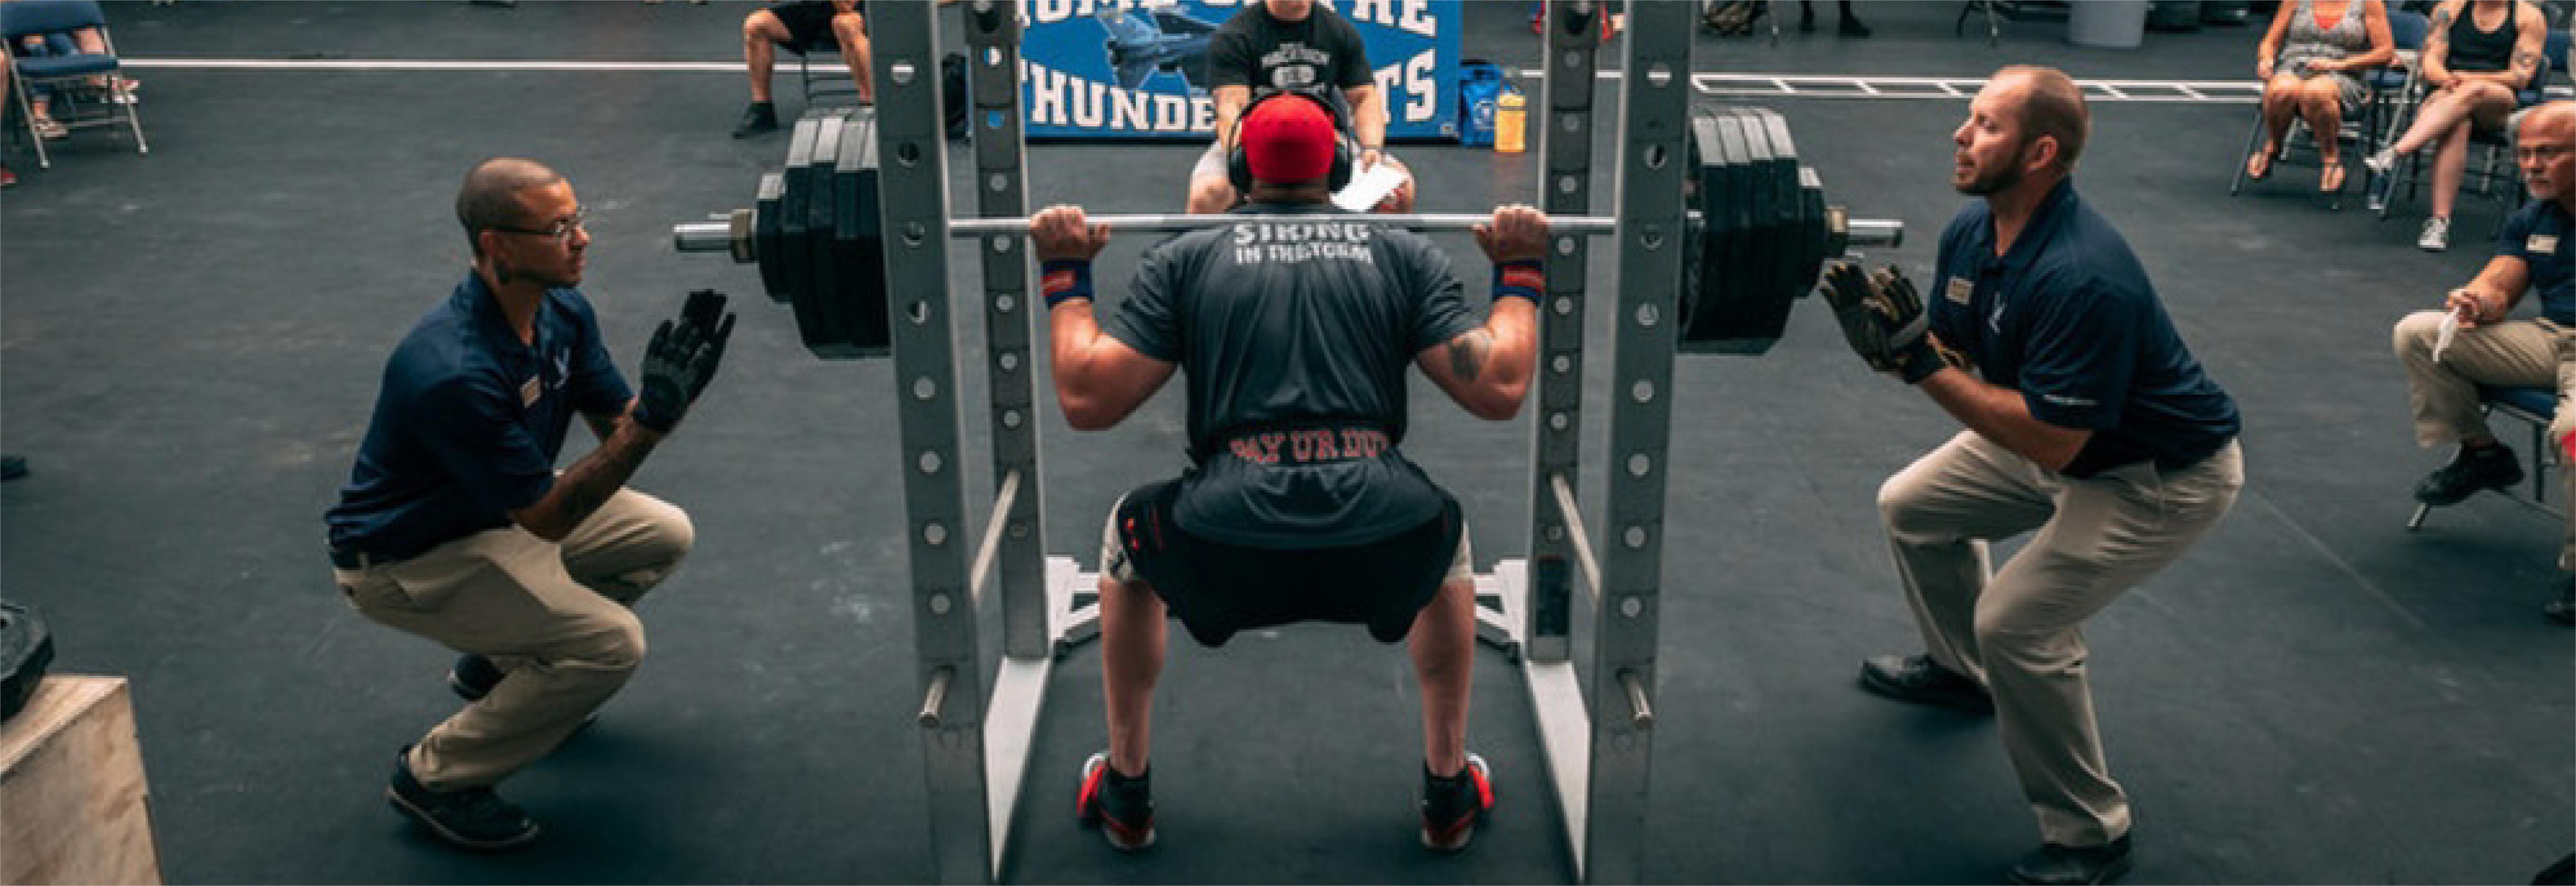 Luke AFB Gym